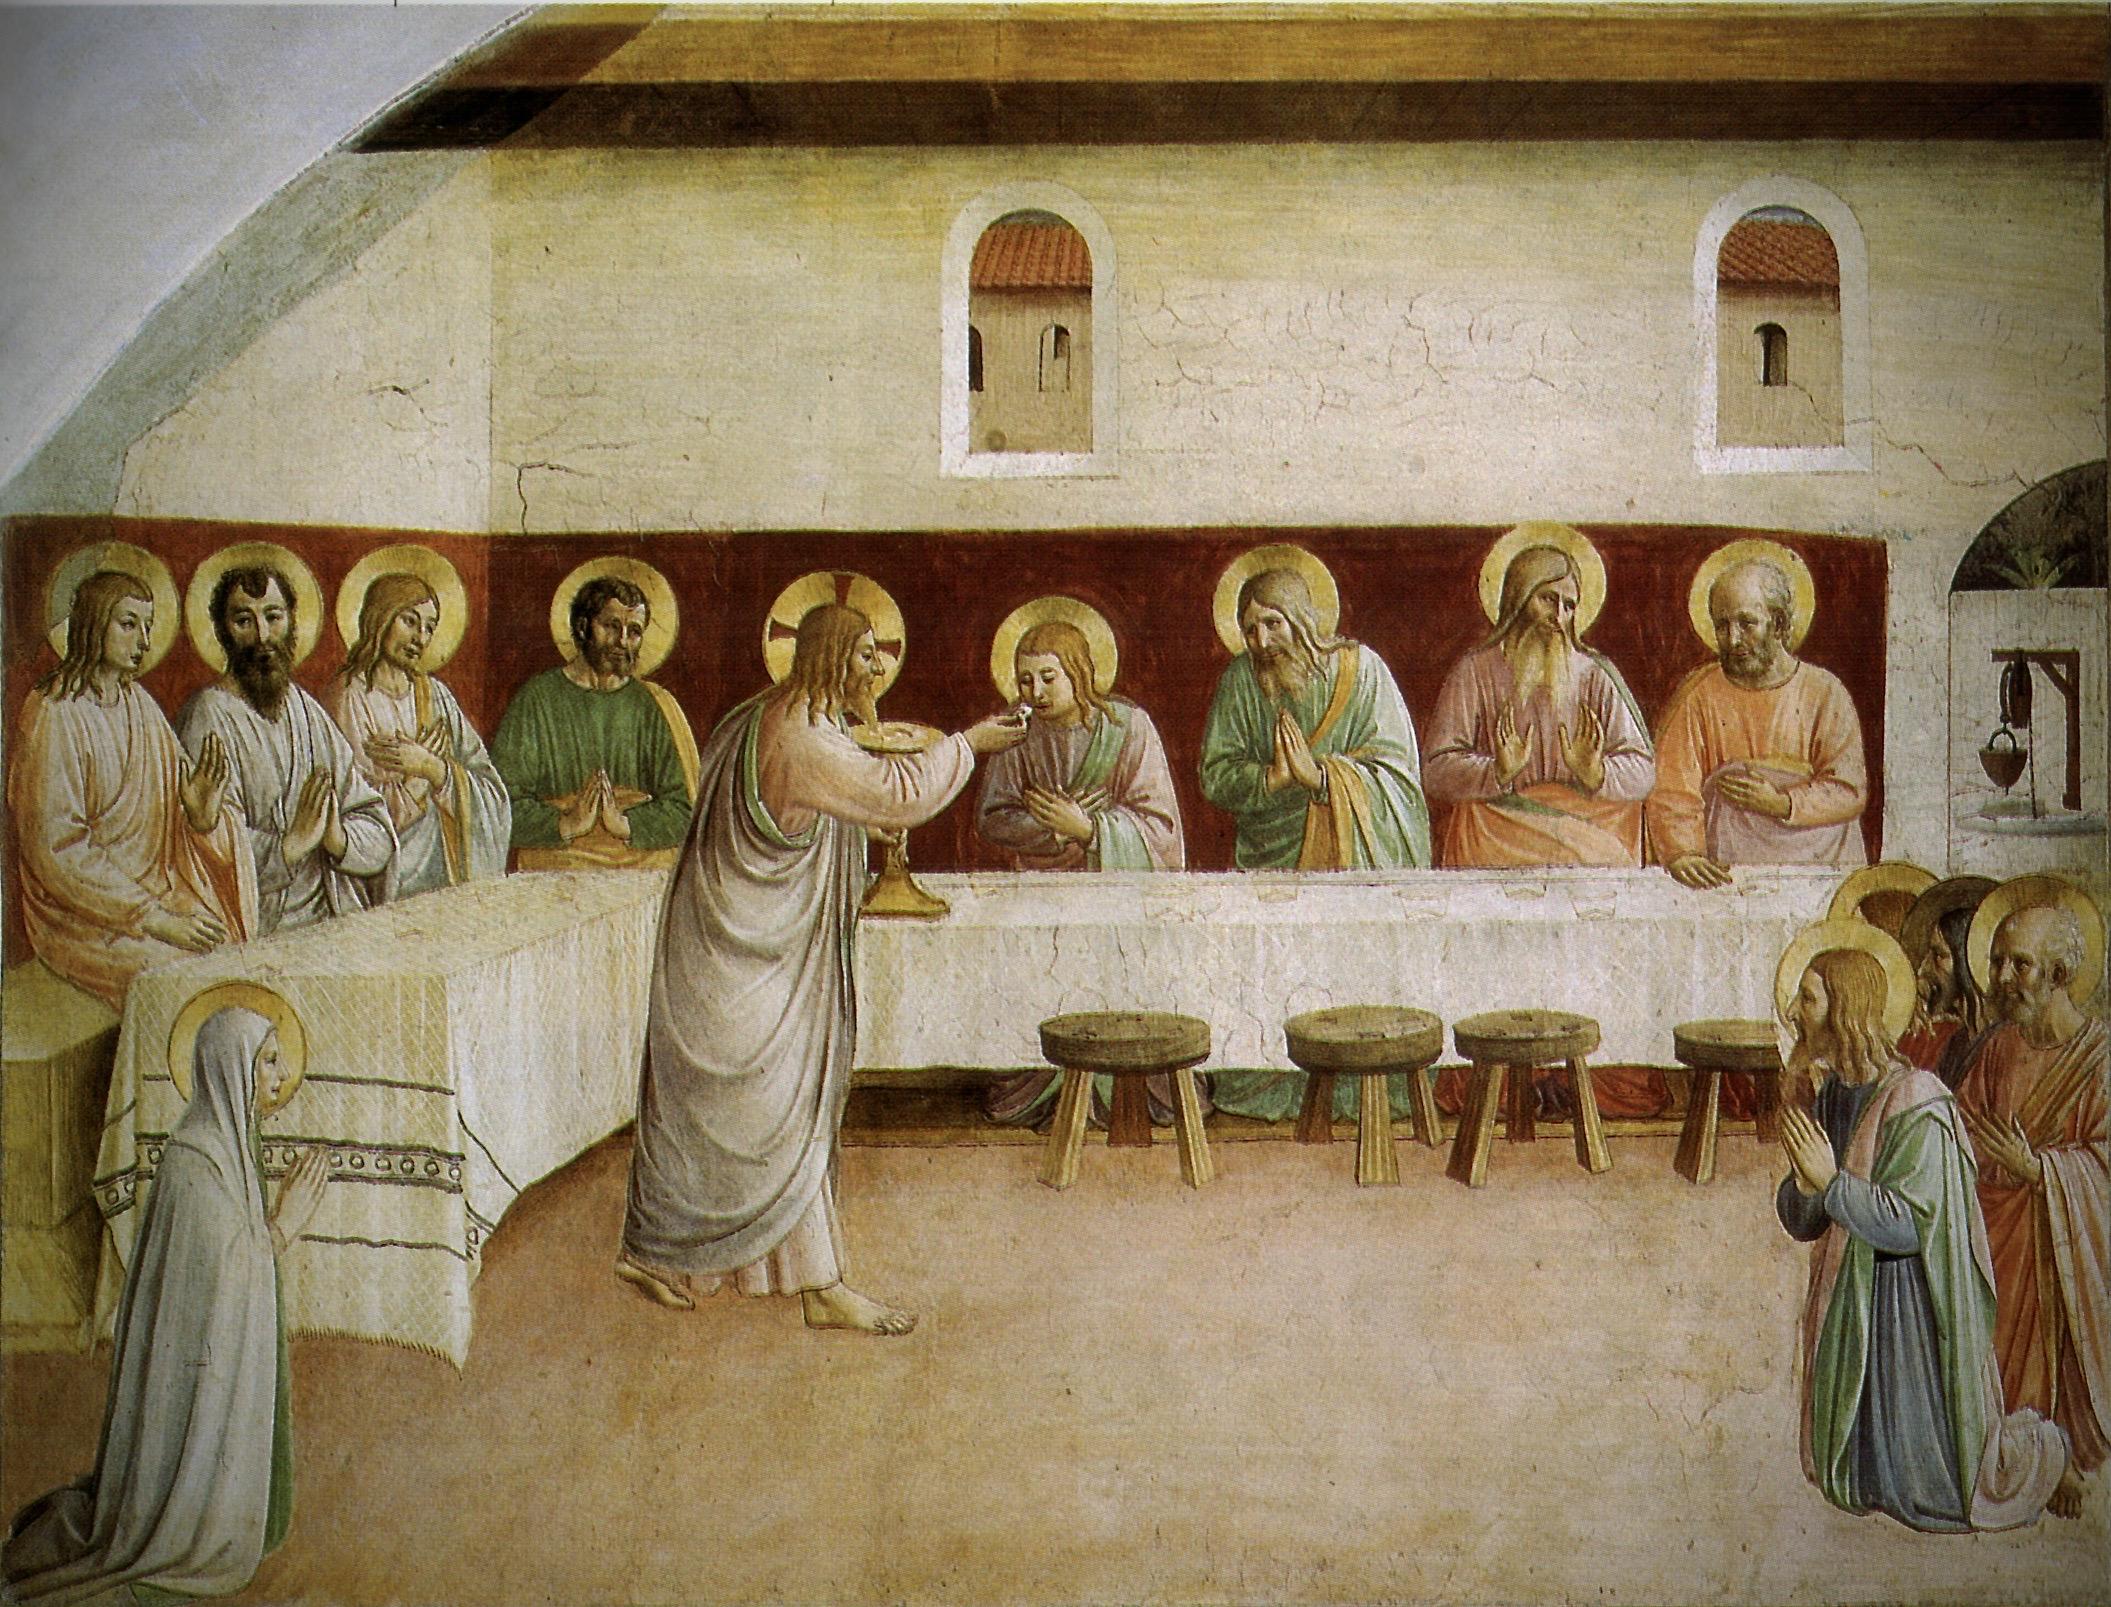 Comunione_degli_apostoli,_cella_35